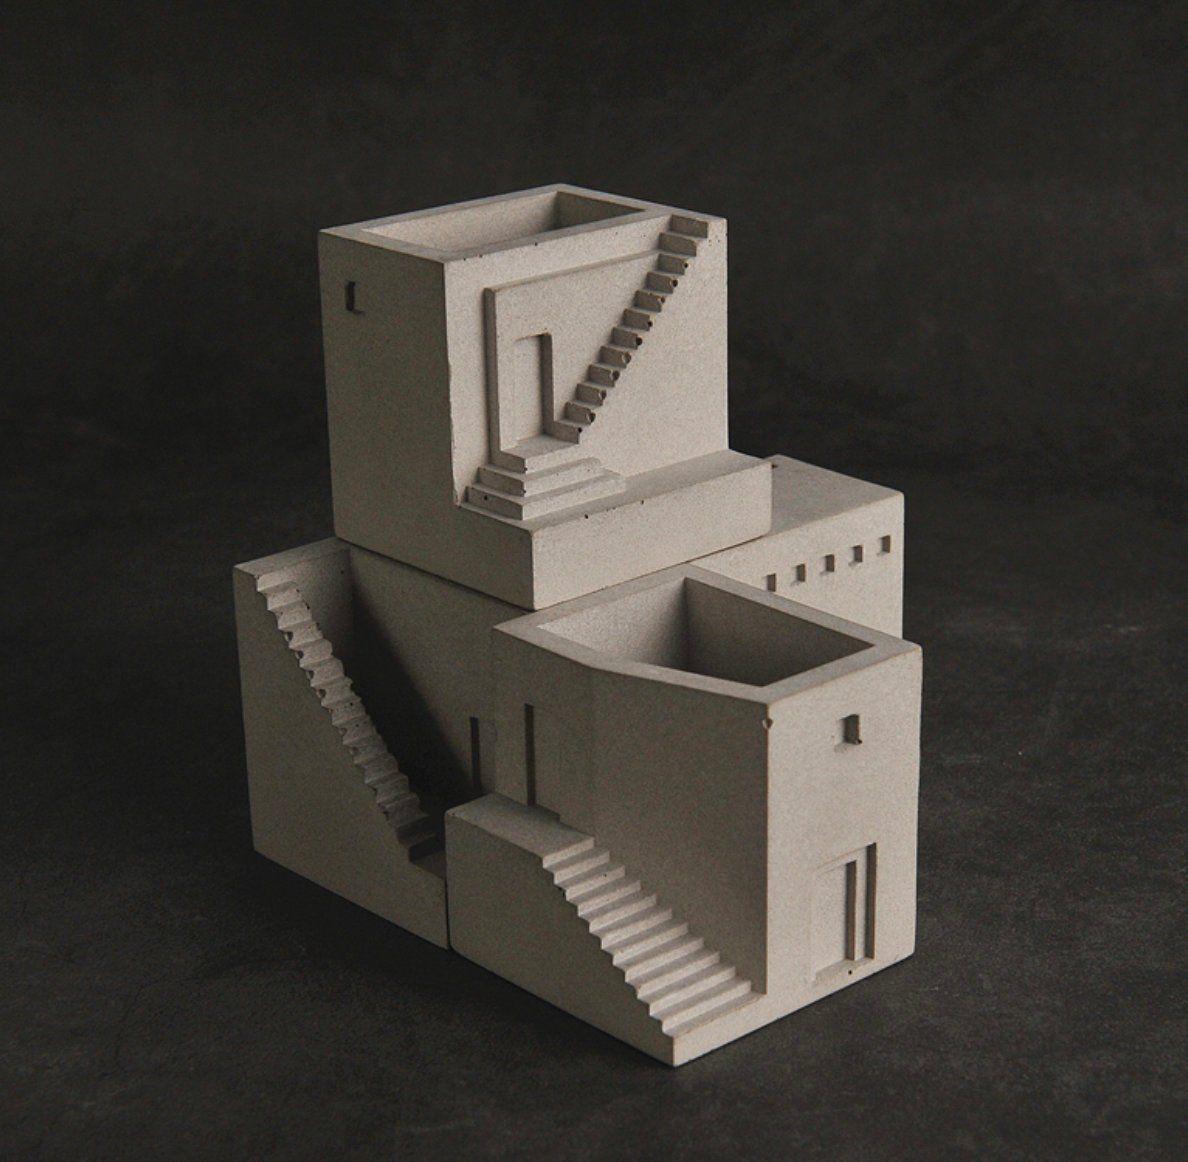 бетон моделизм